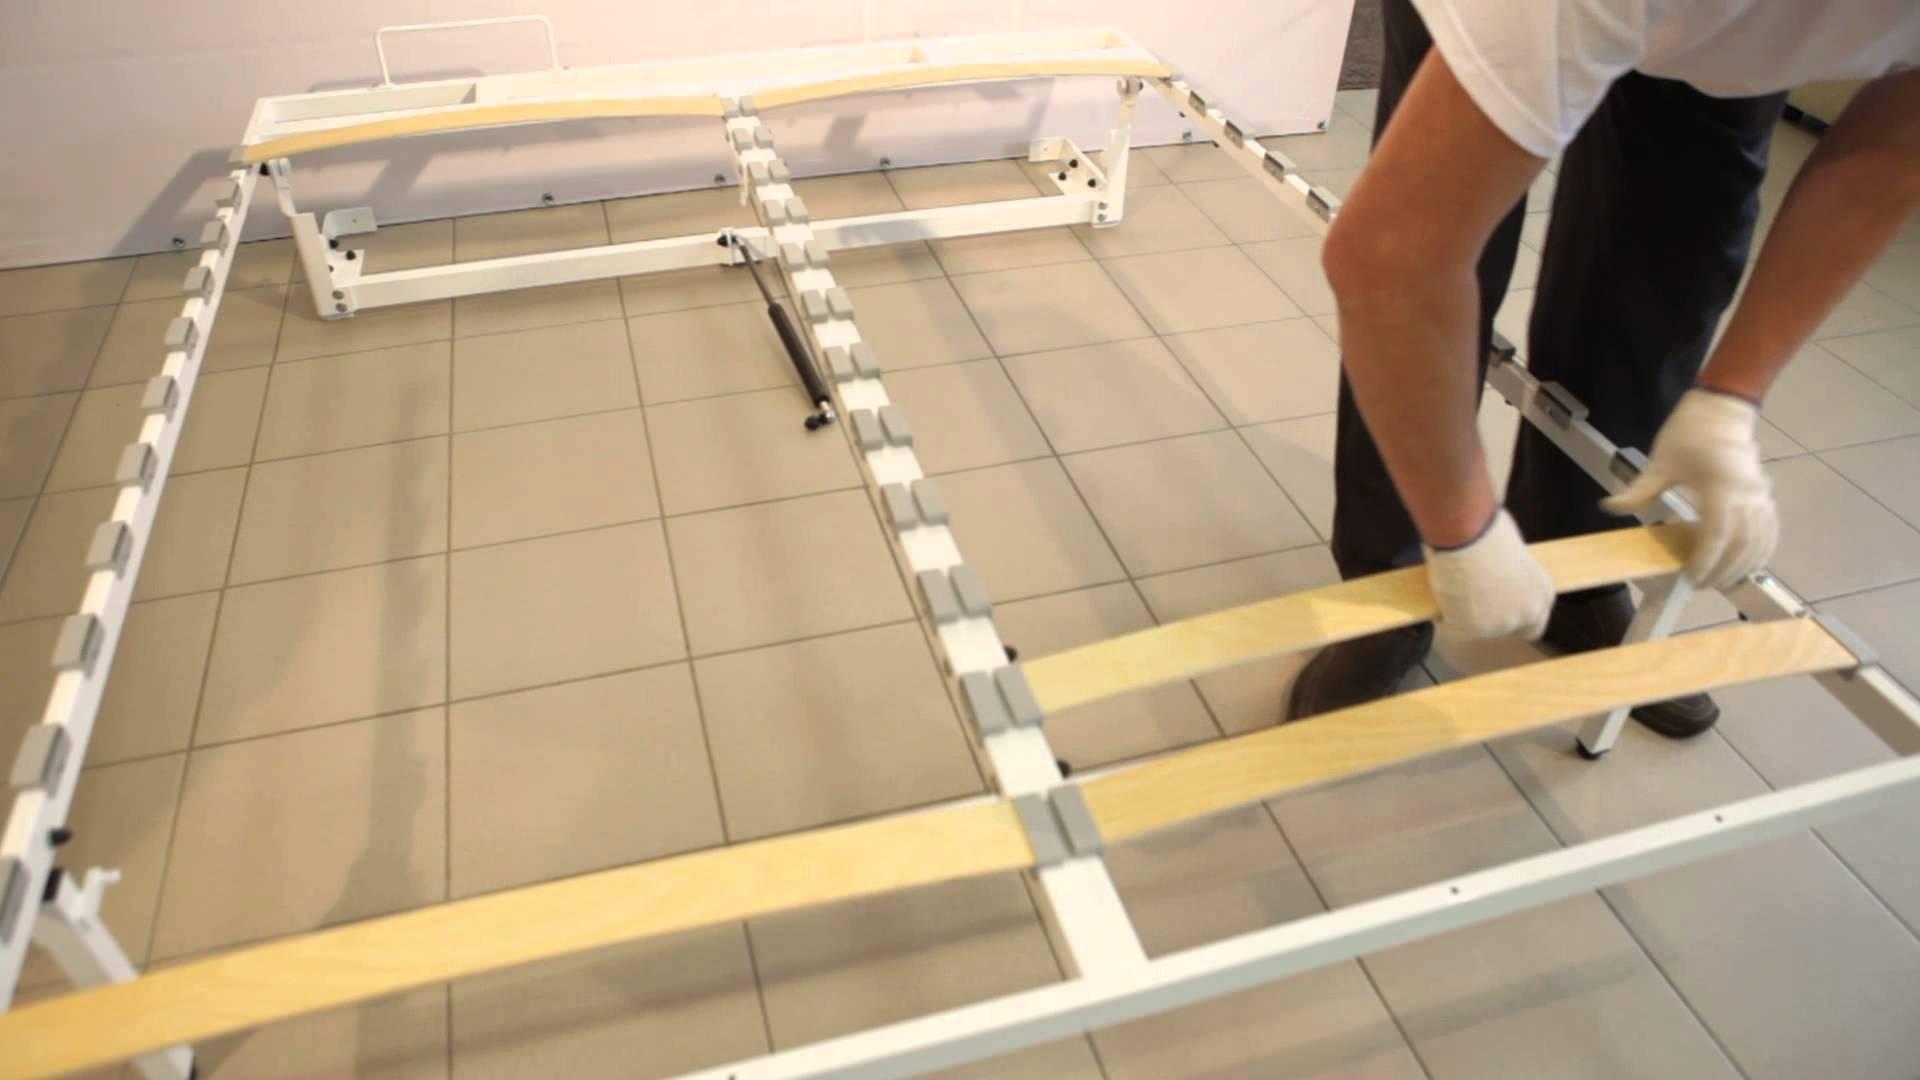 Kami ay tightening sa isang tela composite piraso ng kasangkapan